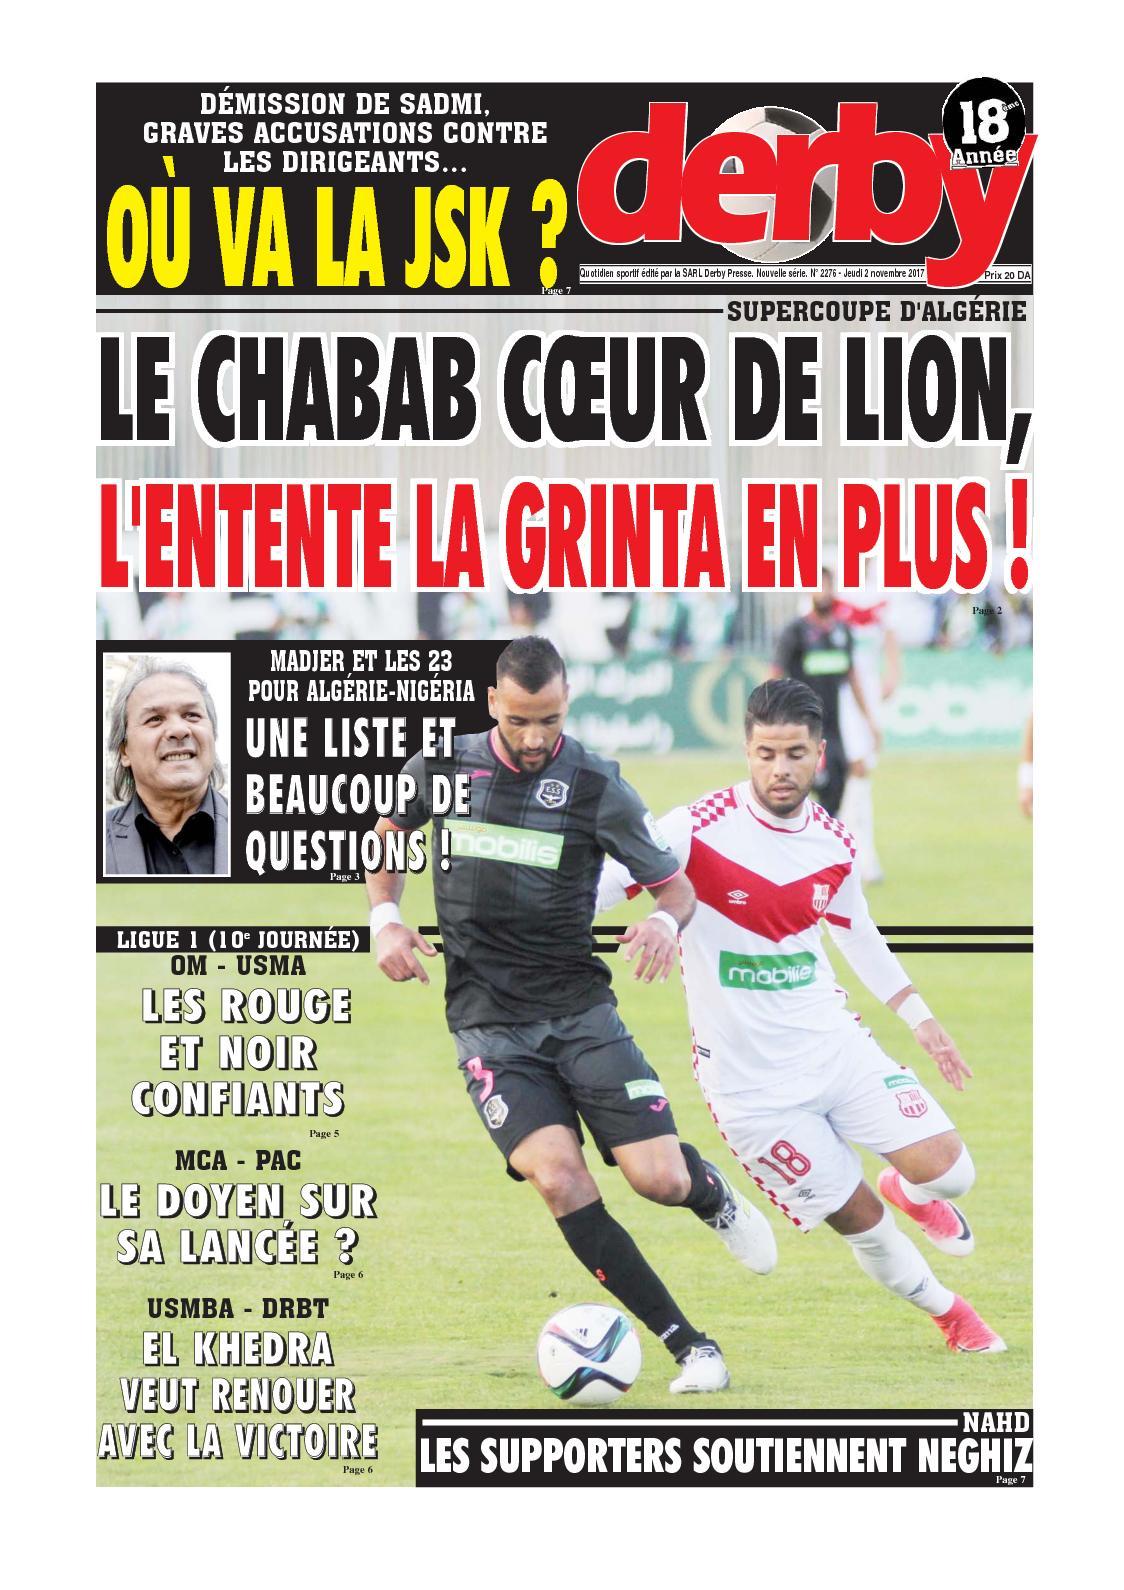 derby du 02.11.2017